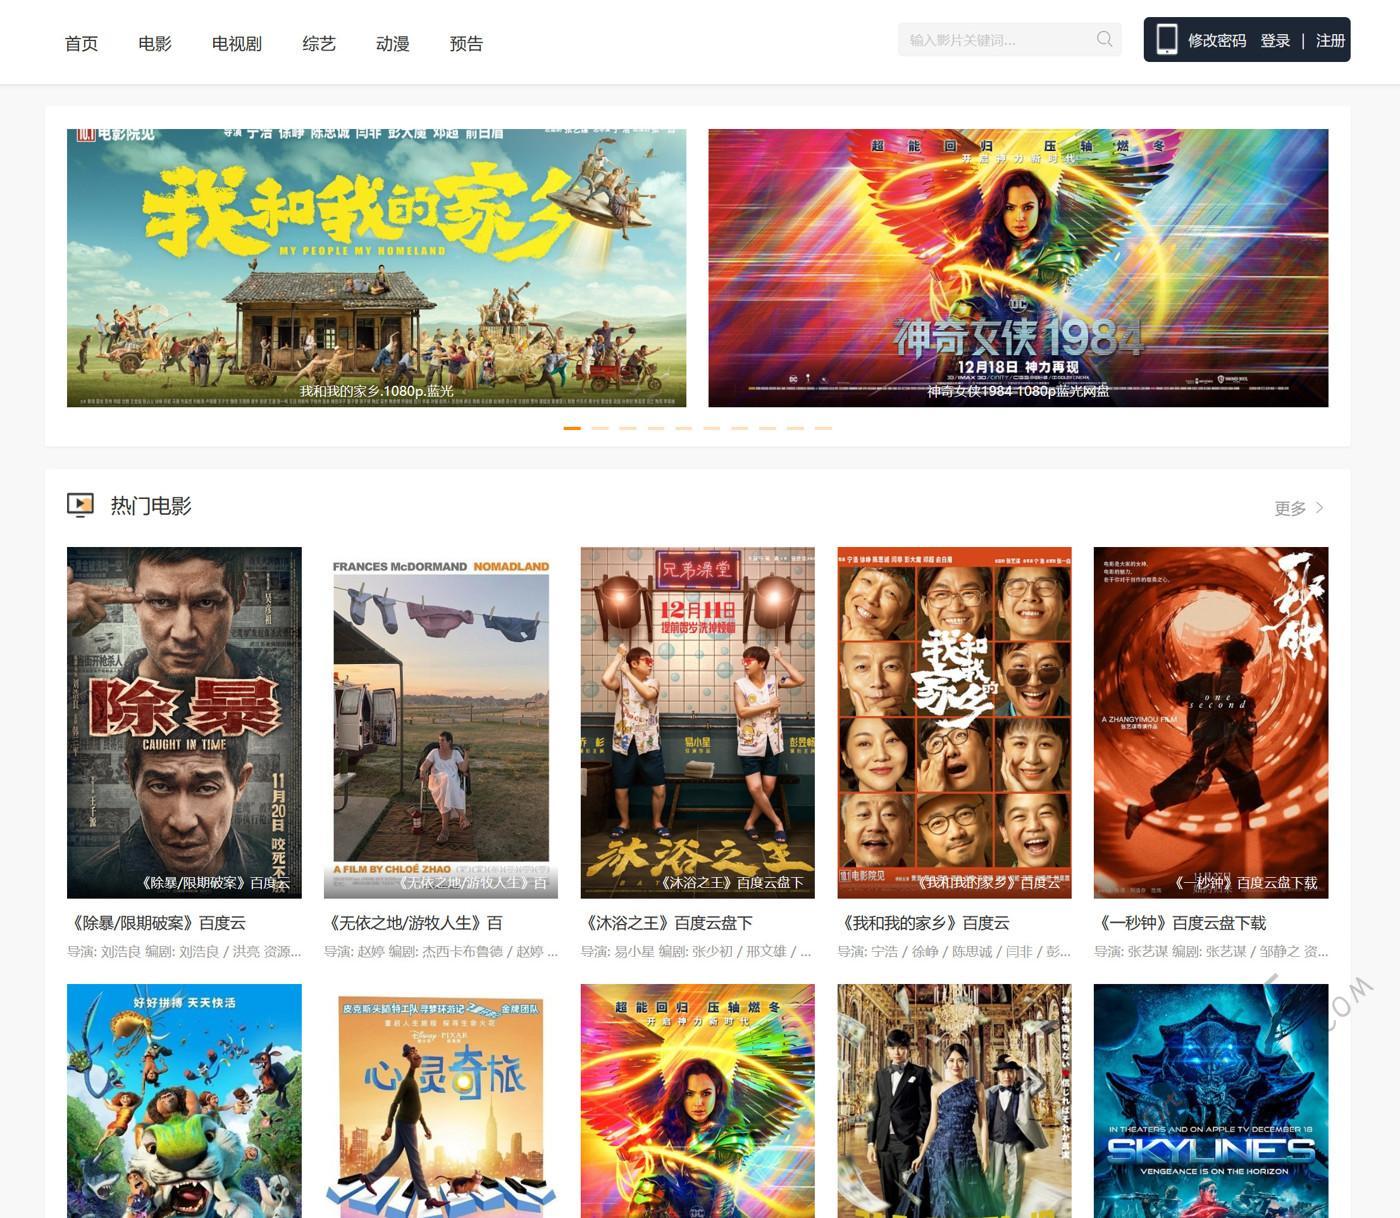 更新快的百度网盘、迅雷、电驴电影电视剧在线下载网站